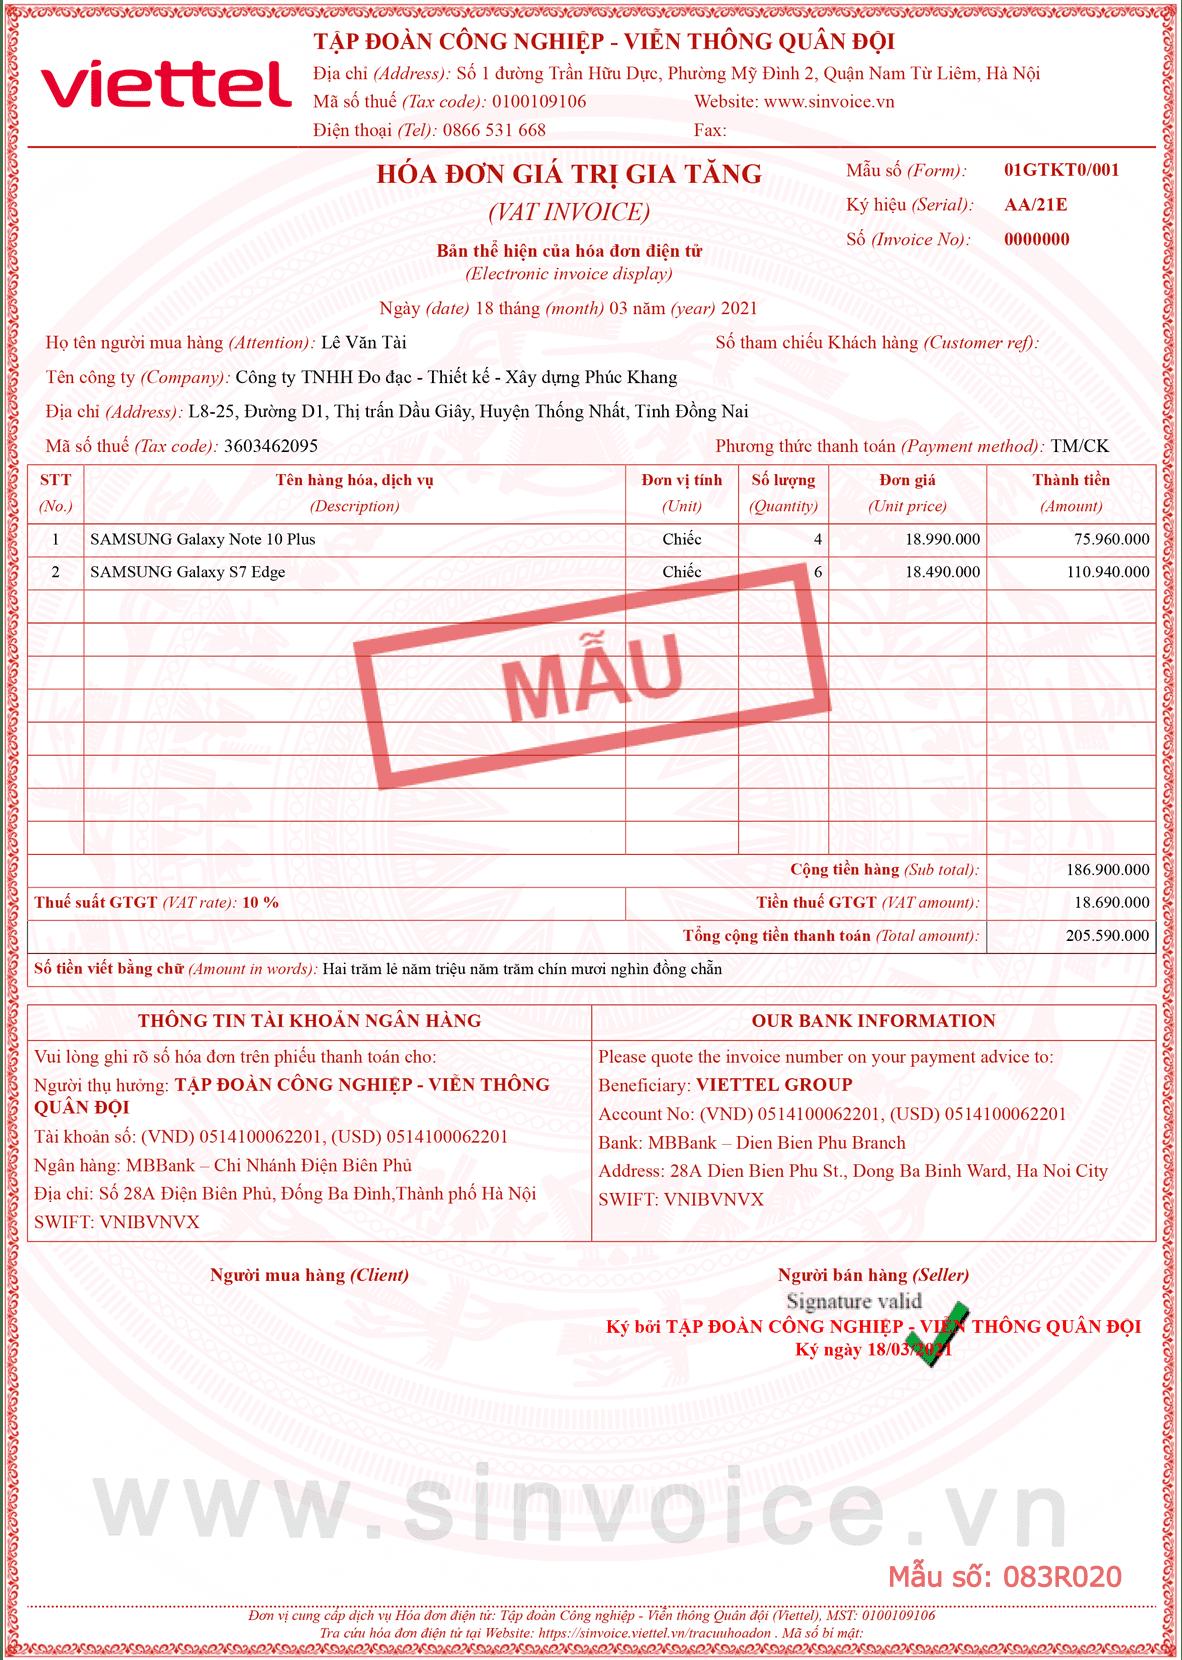 Mẫu hóa đơn điện tử số 083R020